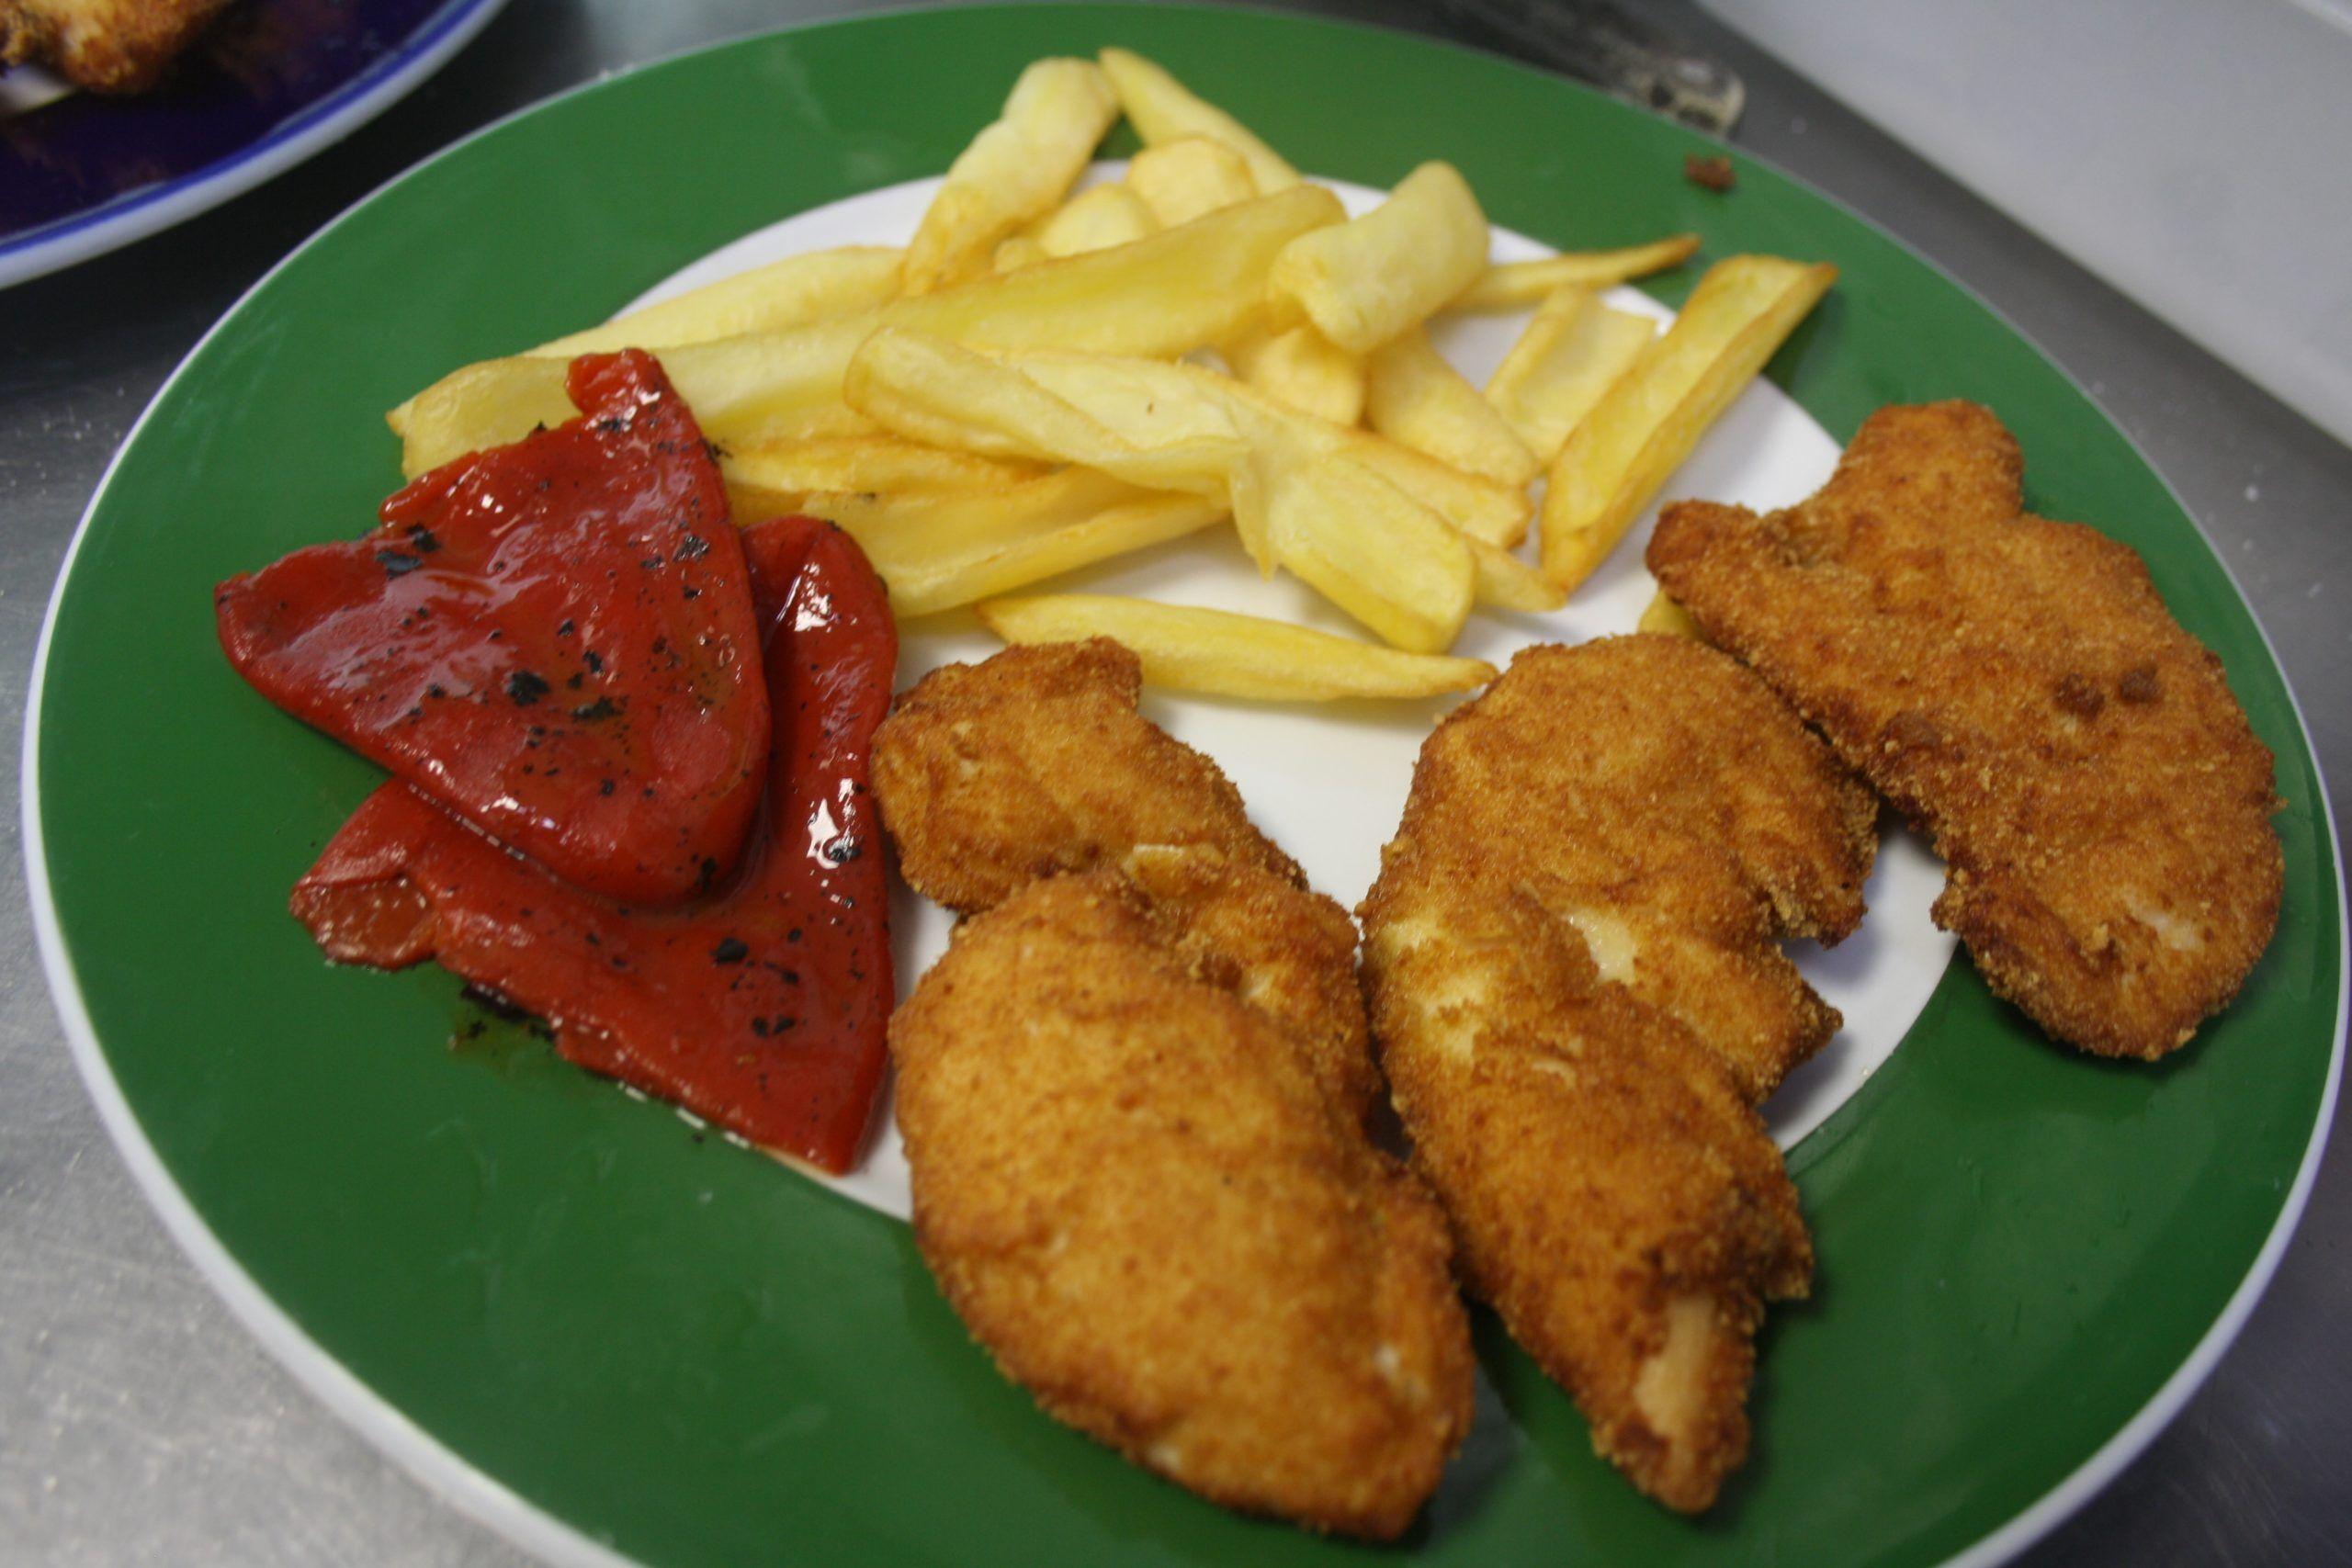 Tiras de pollo empanadas, piquillos y patatas fritas